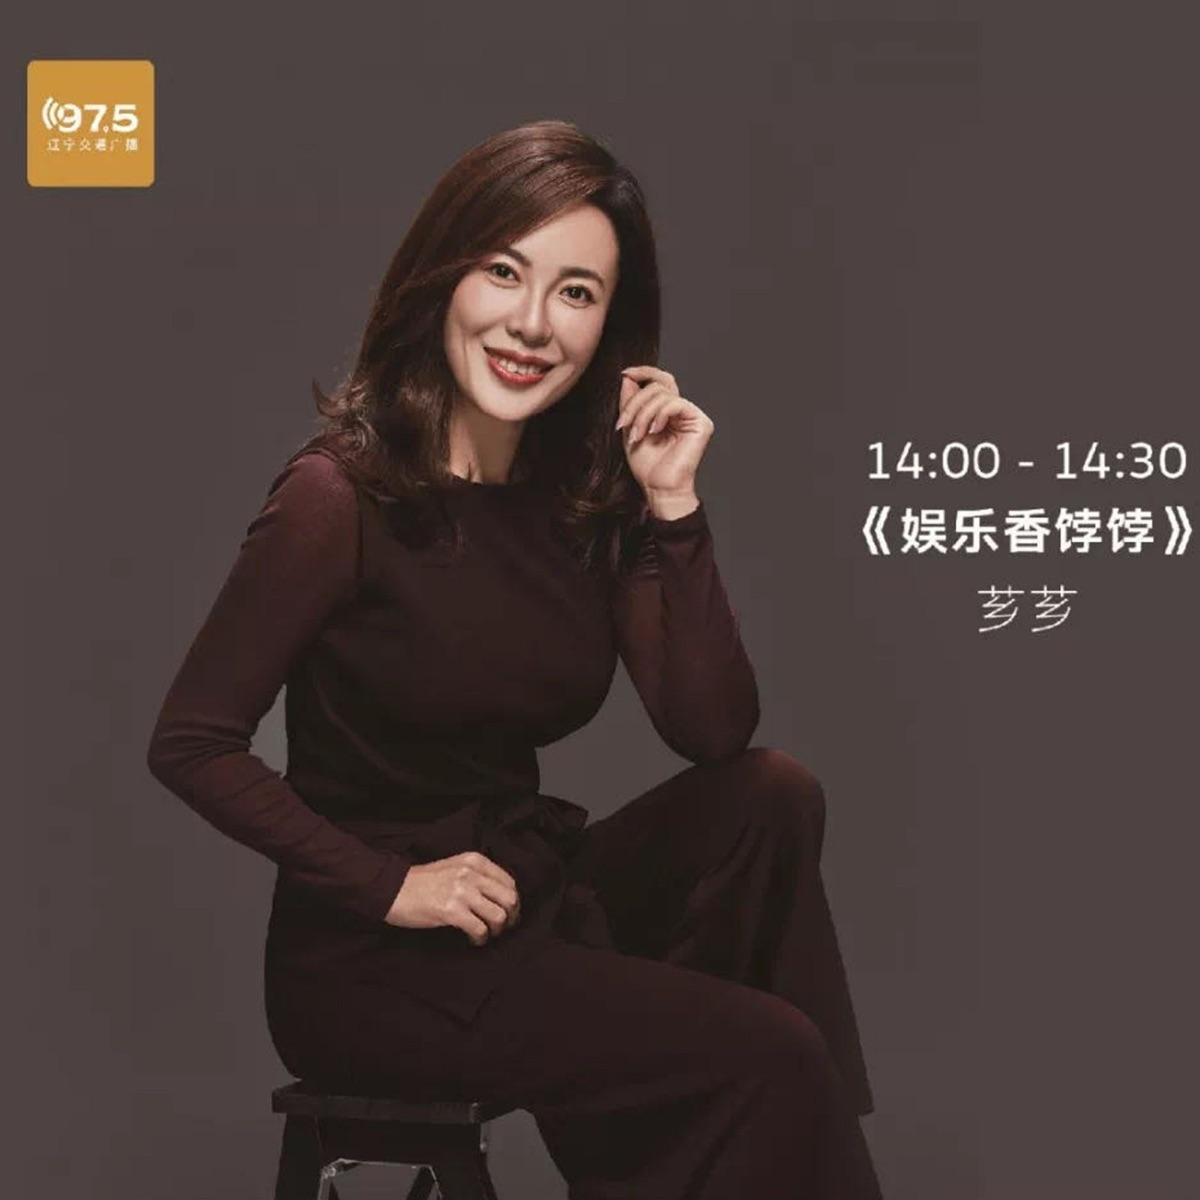 娱乐香饽饽 2020年 节目录音